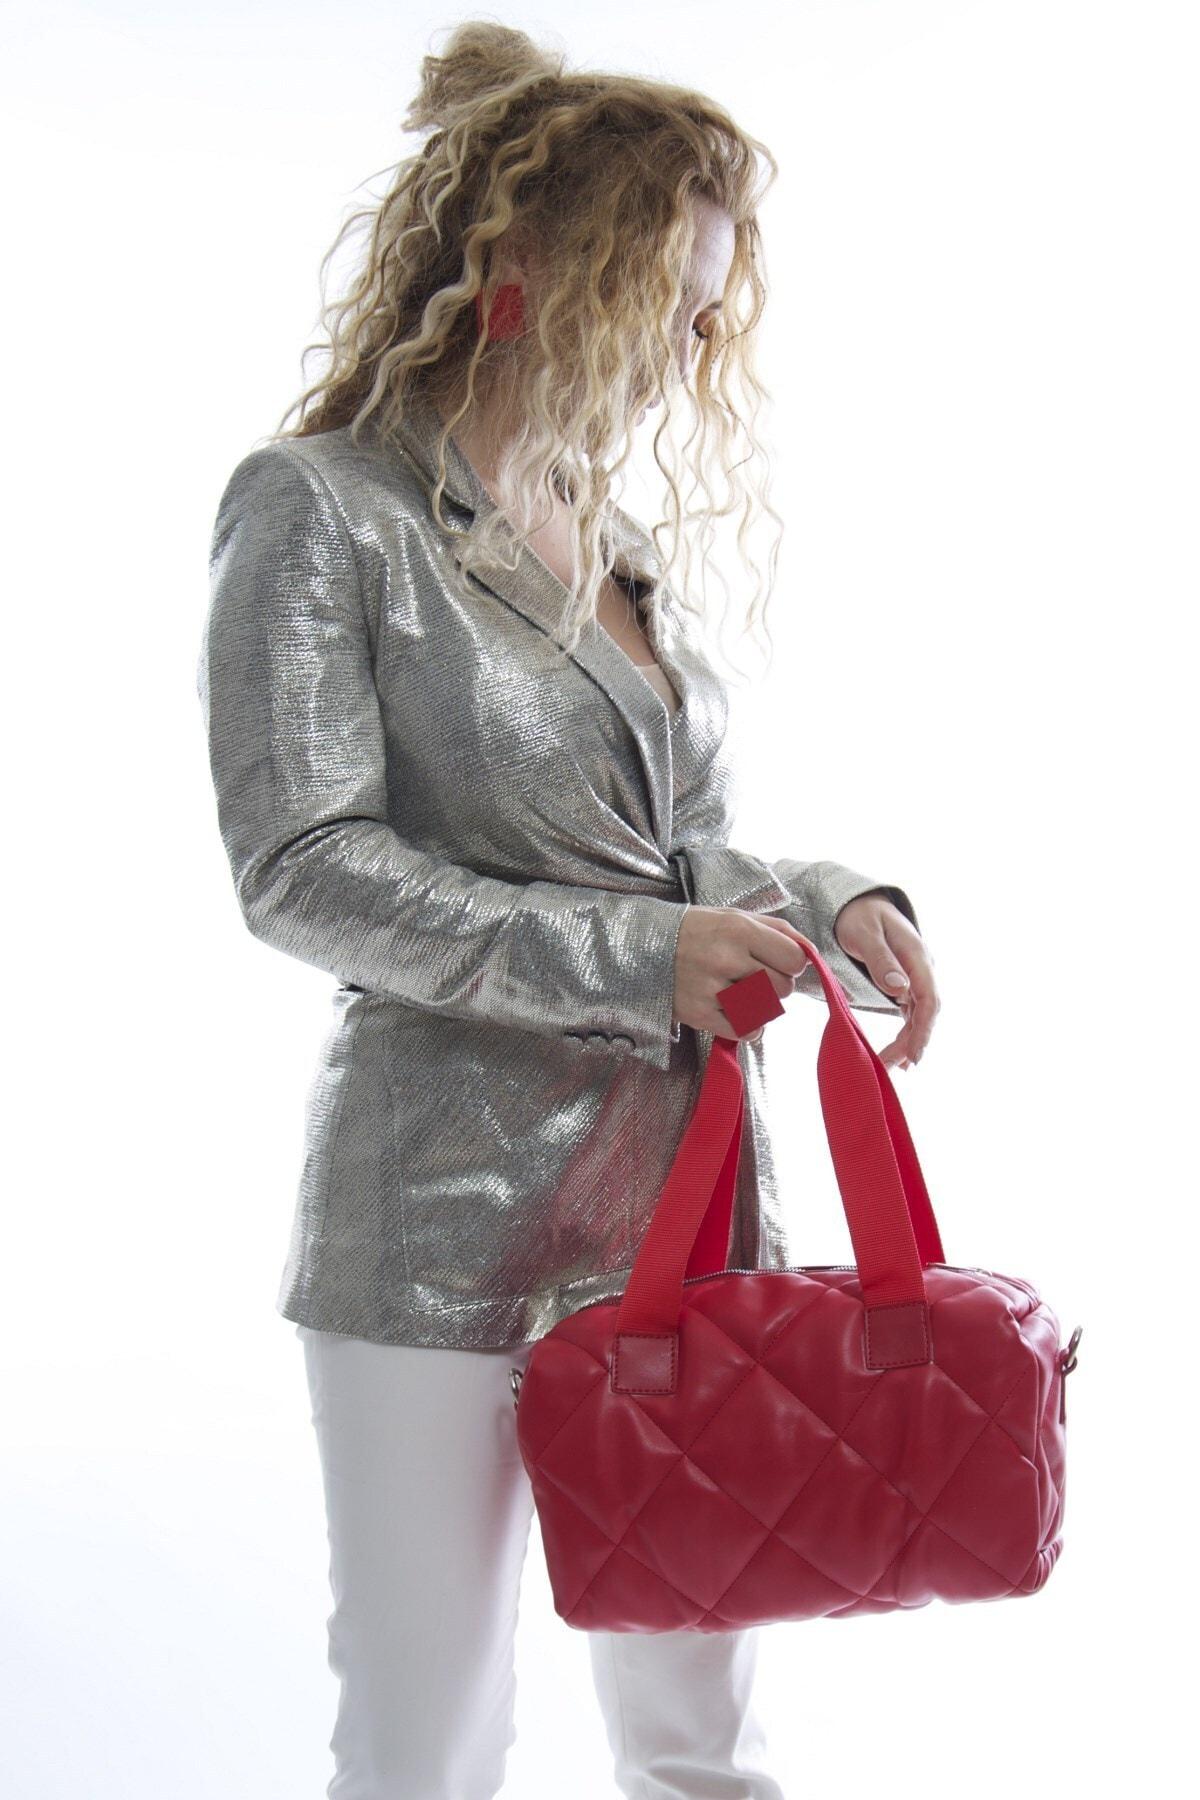 Fume London Kadın Kırmızı Kapitone Fermuarlı Askılı Puf Çanta Fb3023 2